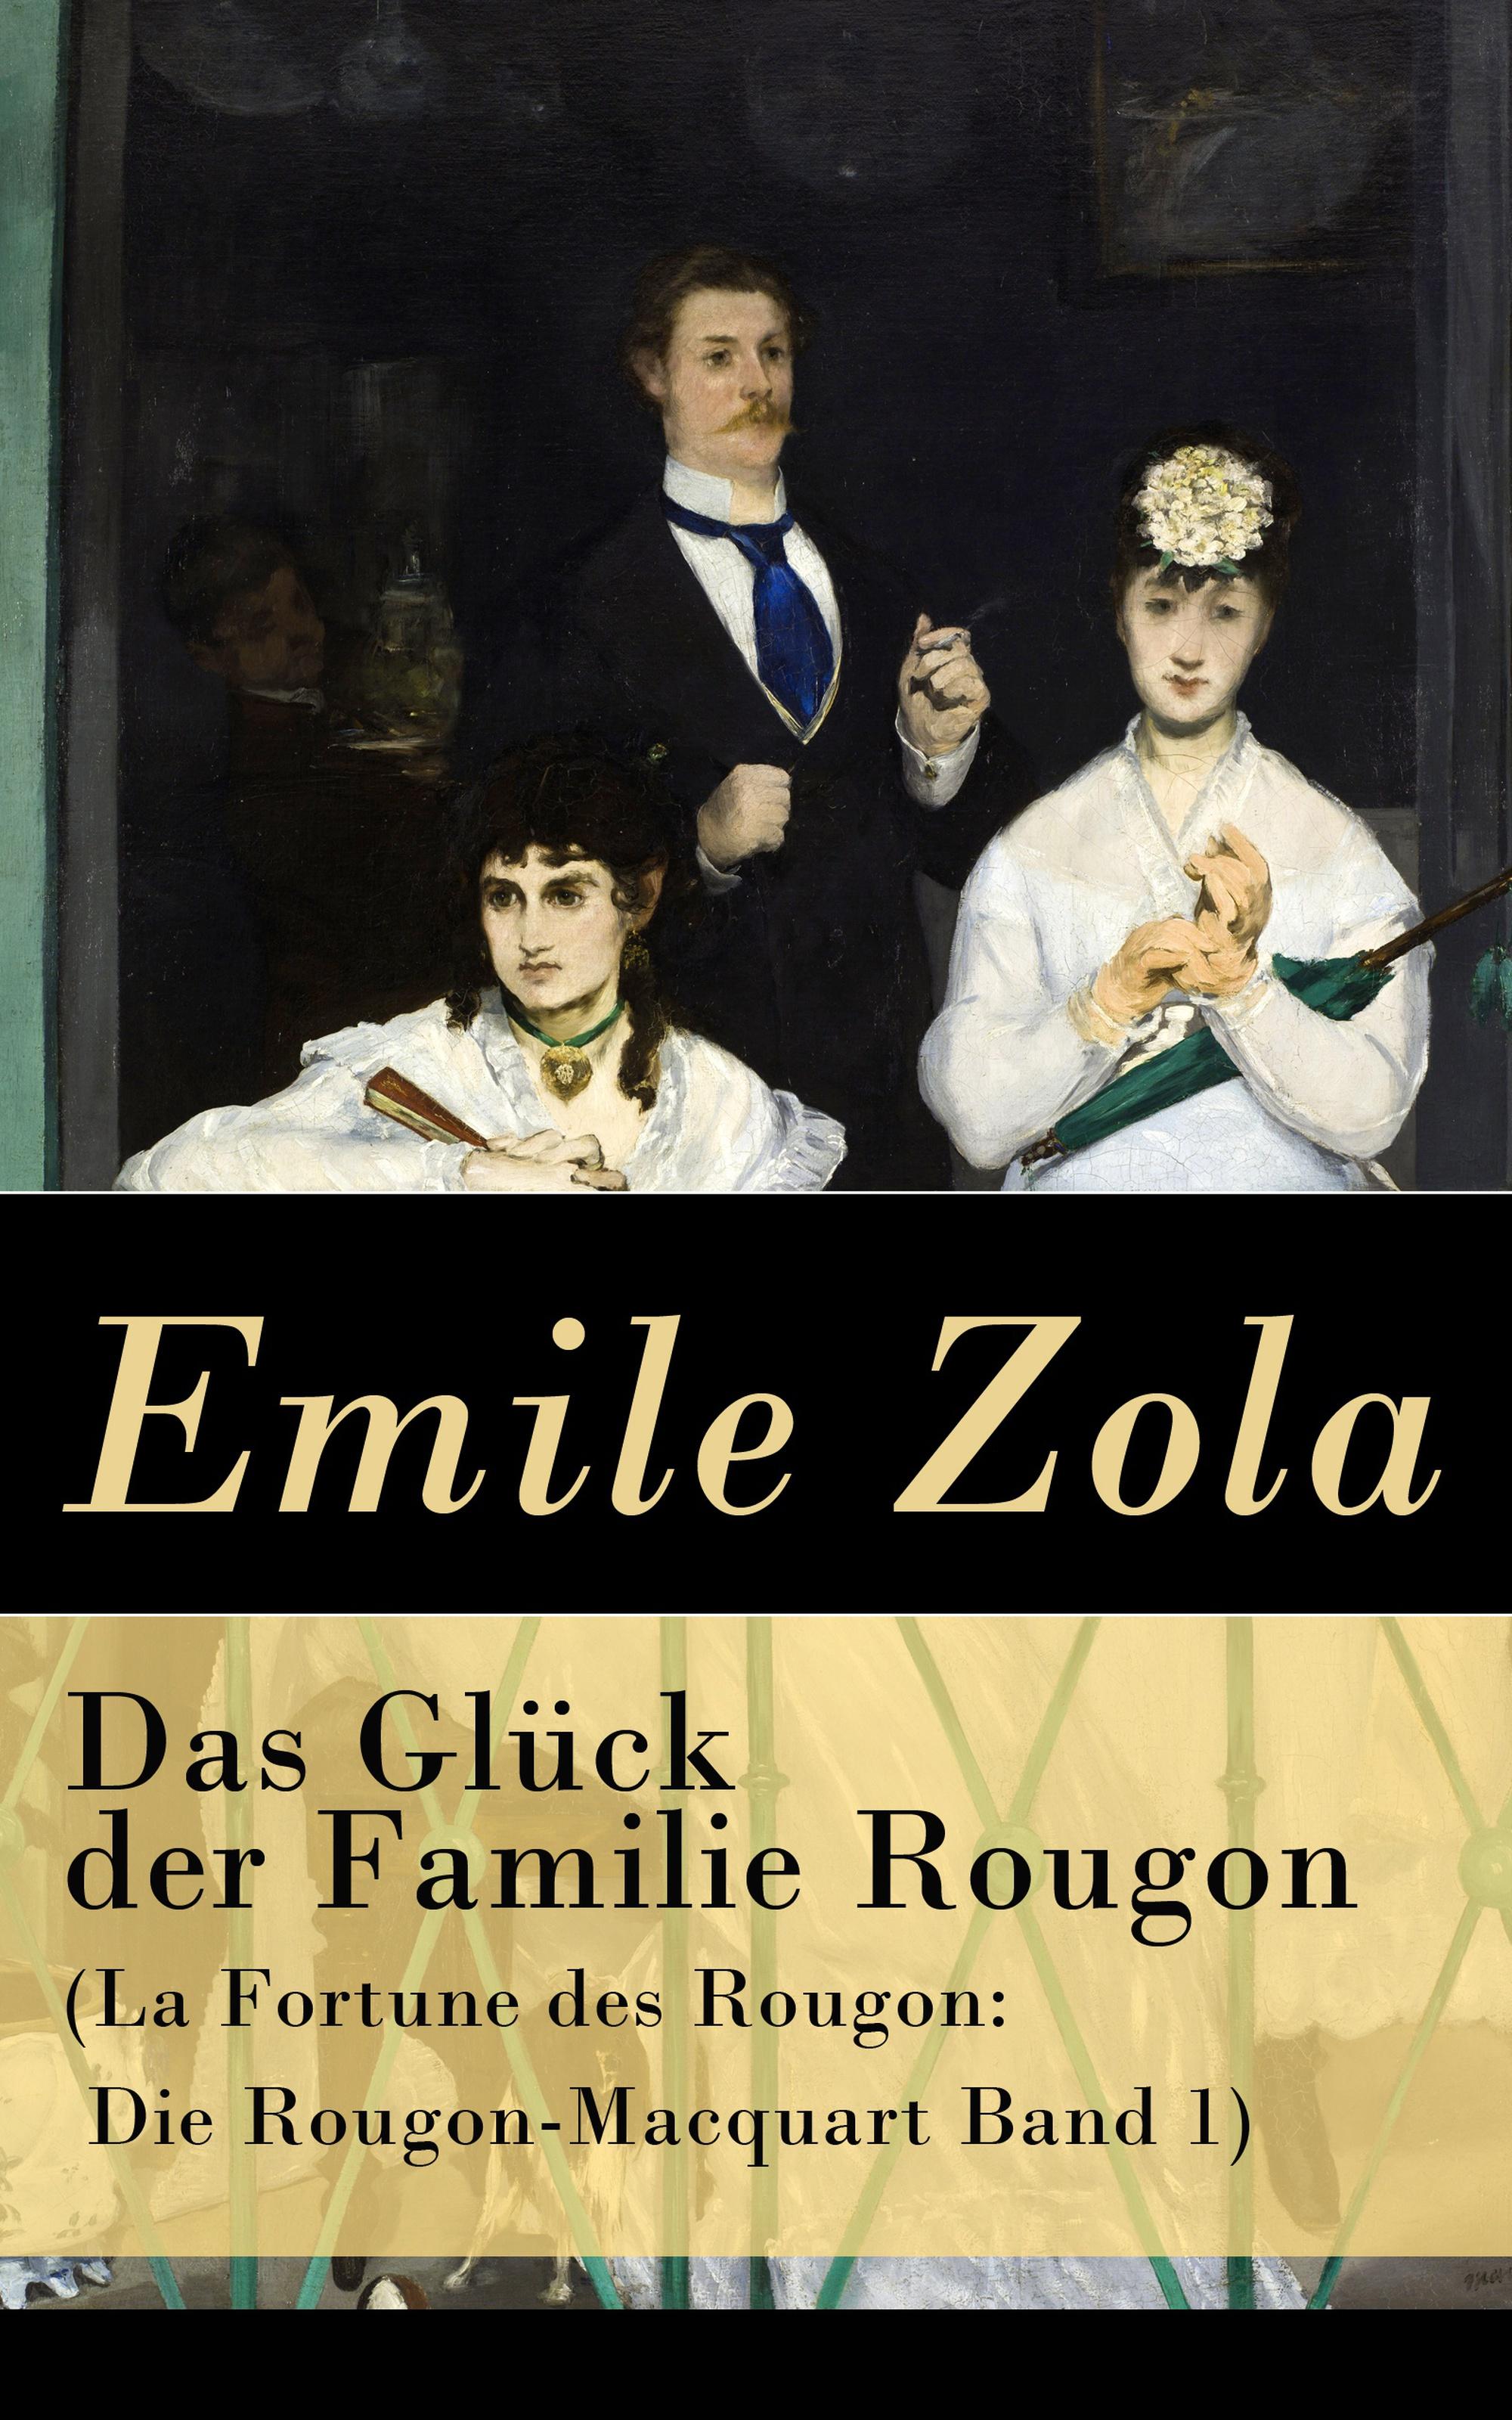 Ück der Familie Rougon (La Fortune des Rougon: Die Rougon-Macquart Band 1)